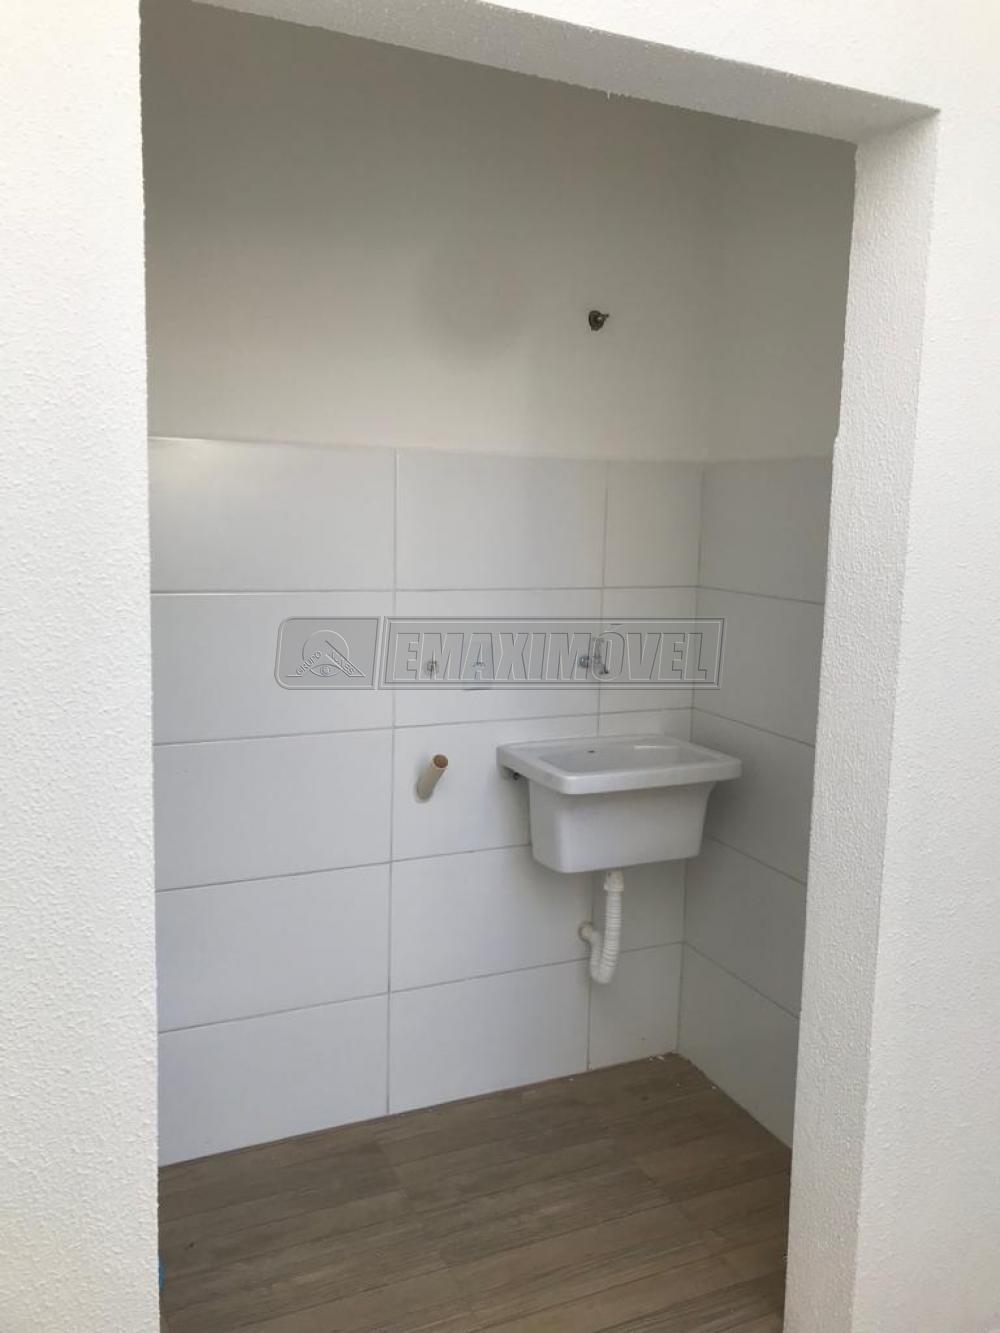 Comprar Casas / em Condomínios em Sorocaba apenas R$ 370.000,00 - Foto 15